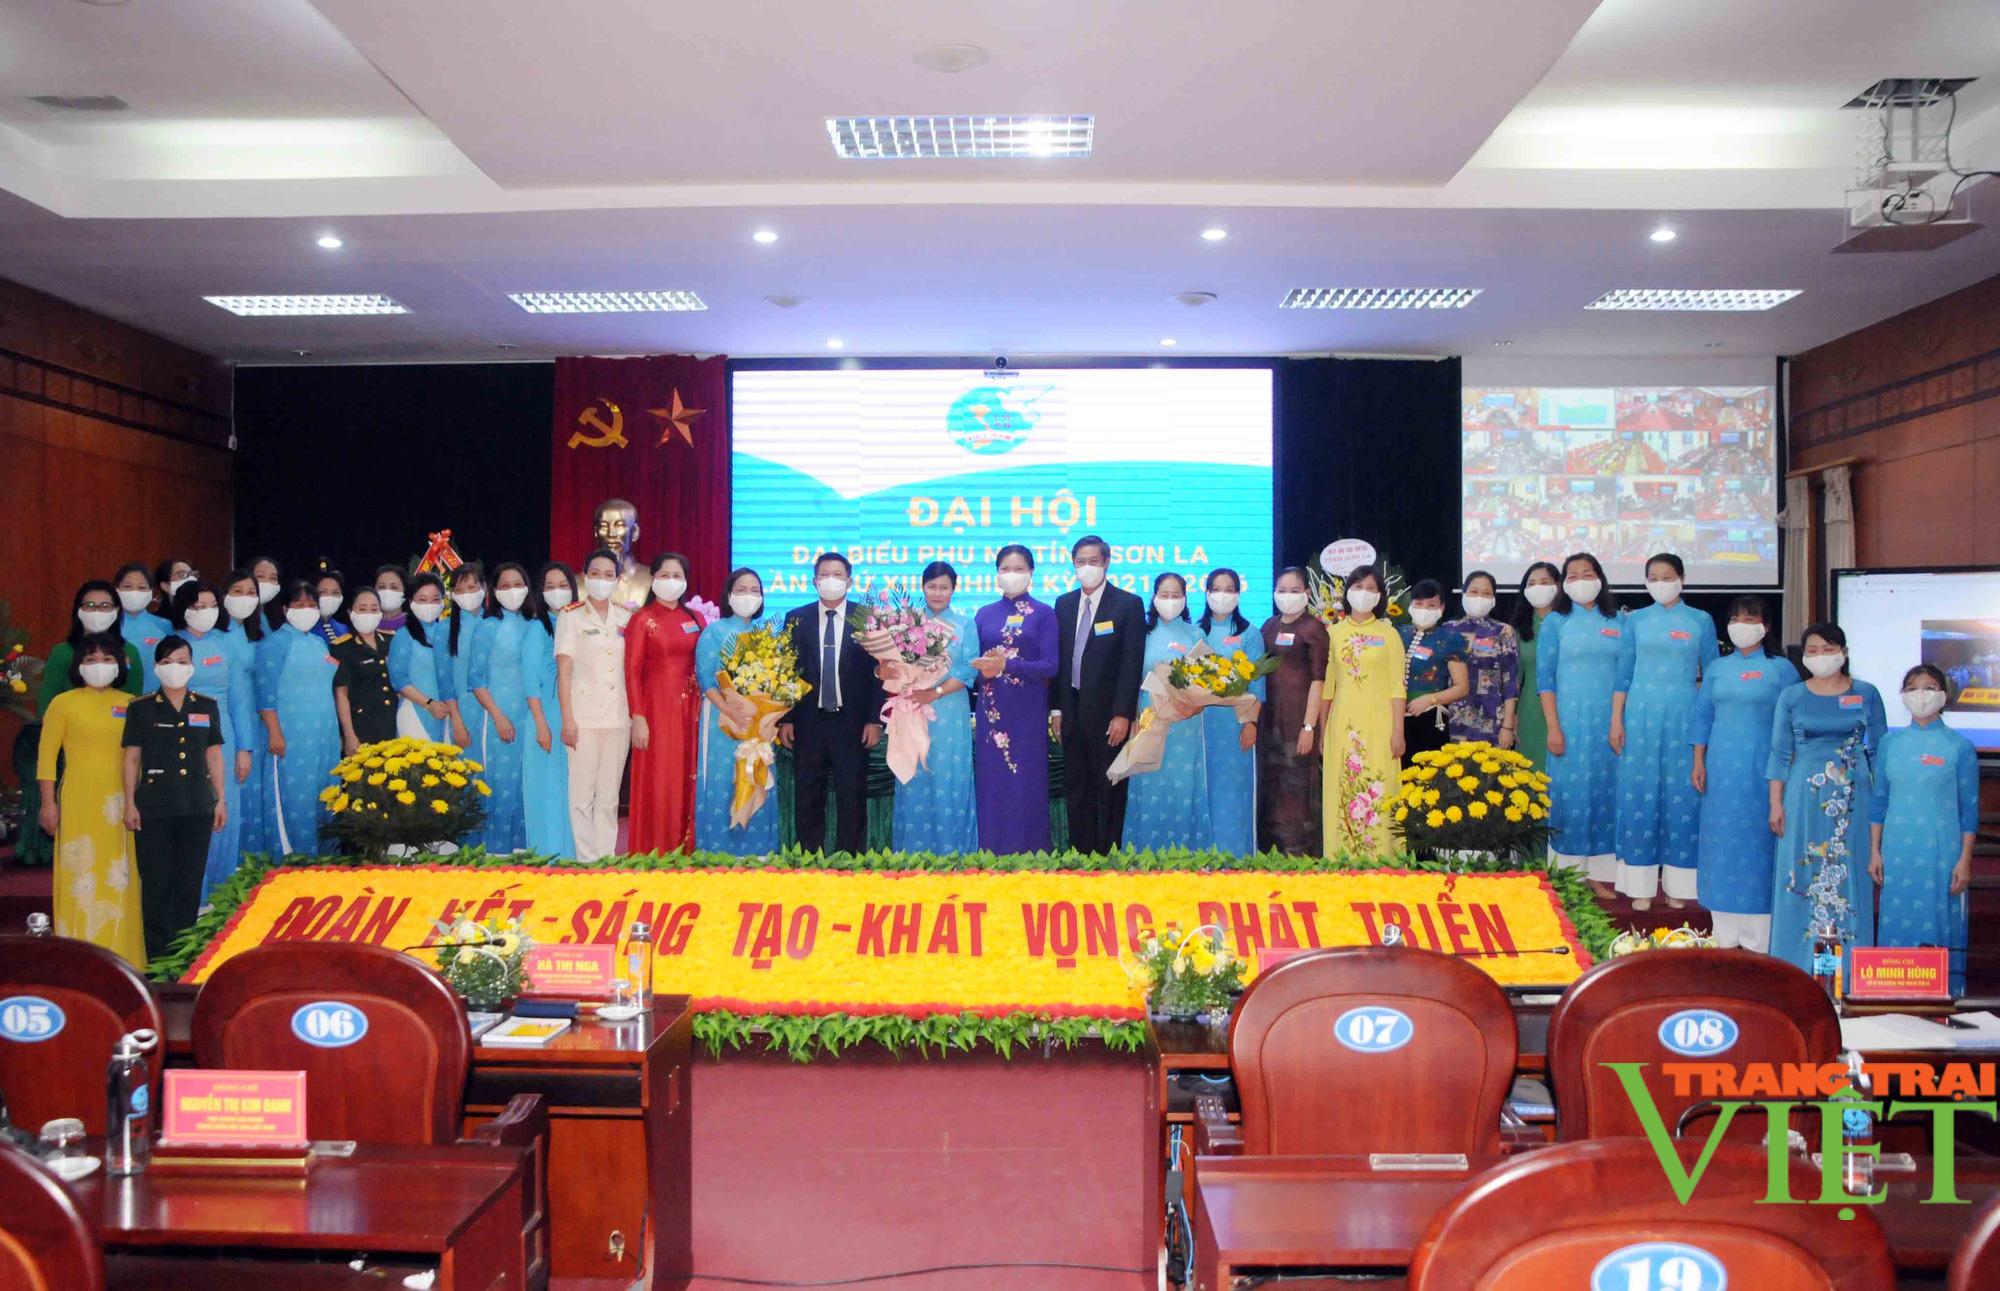 Hội Liên hiệp Phụ nữ tỉnh Sơn La: Giúp hơn 2.000 hộ nghèo thoát nghèo - Ảnh 8.